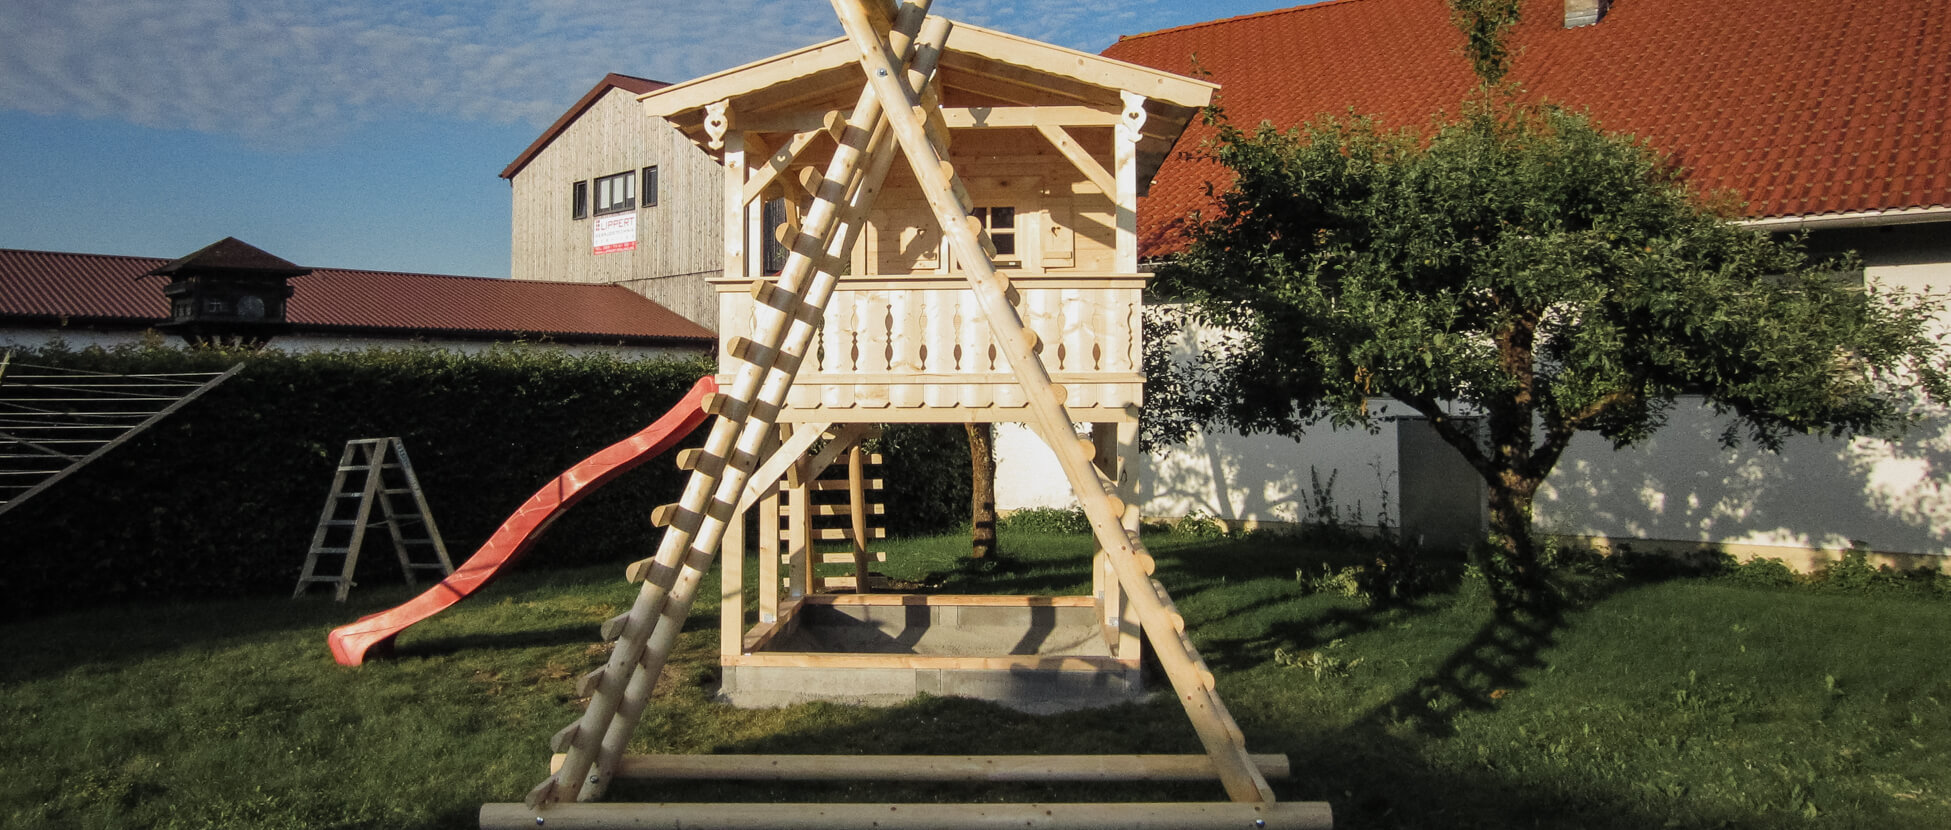 Kinderspielhaus Baumhaus Und Spielgerate Aus Holz Nach Mass Ropfl